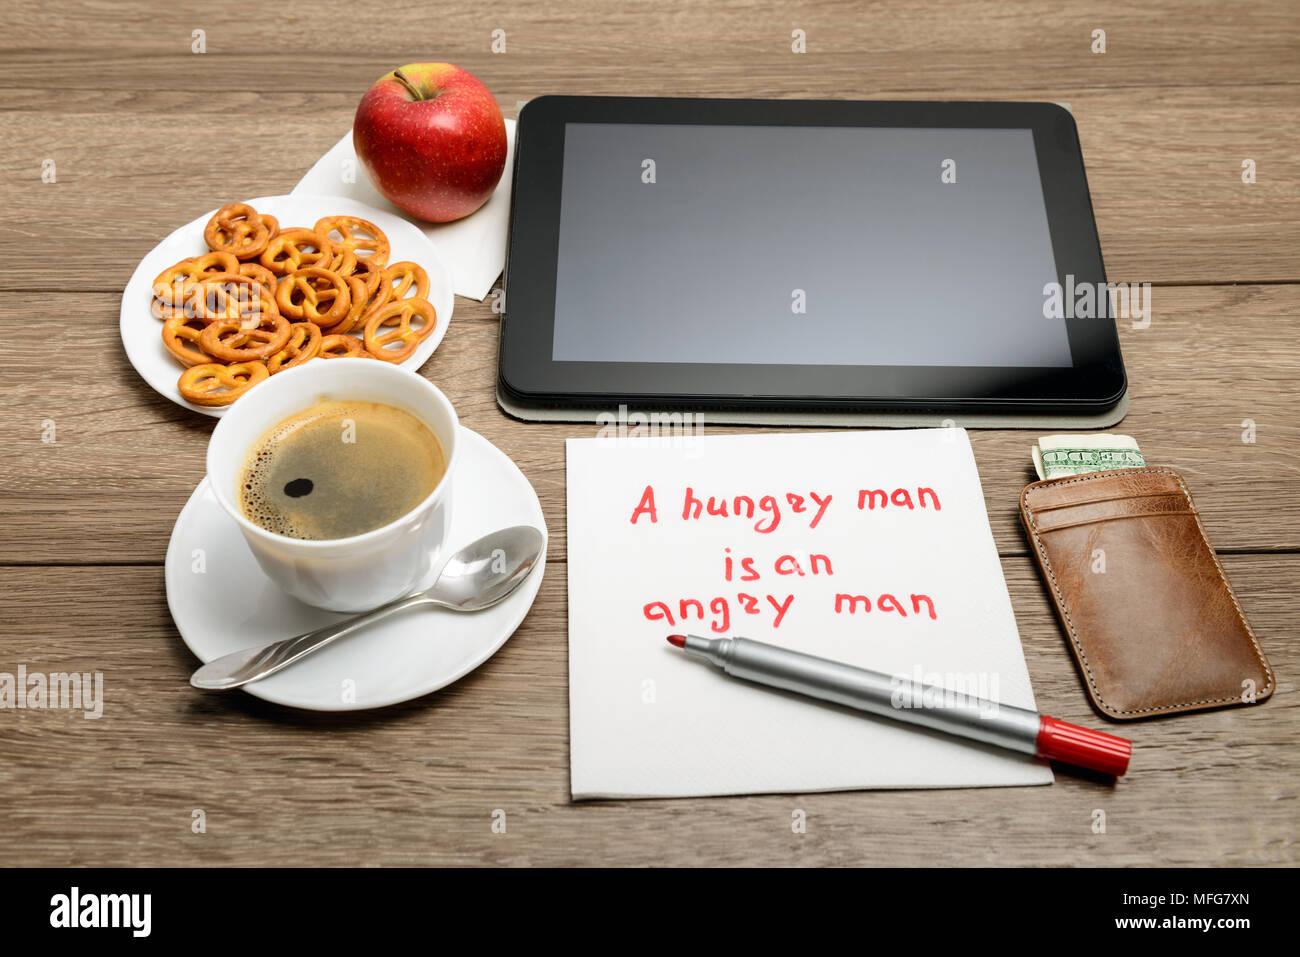 Tovagliolo scrittura proverbio del messaggio sul tavolo di legno con caffè, alcuni alimenti e tablet PC un uomo affamato è un uomo arrabbiato Immagini Stock